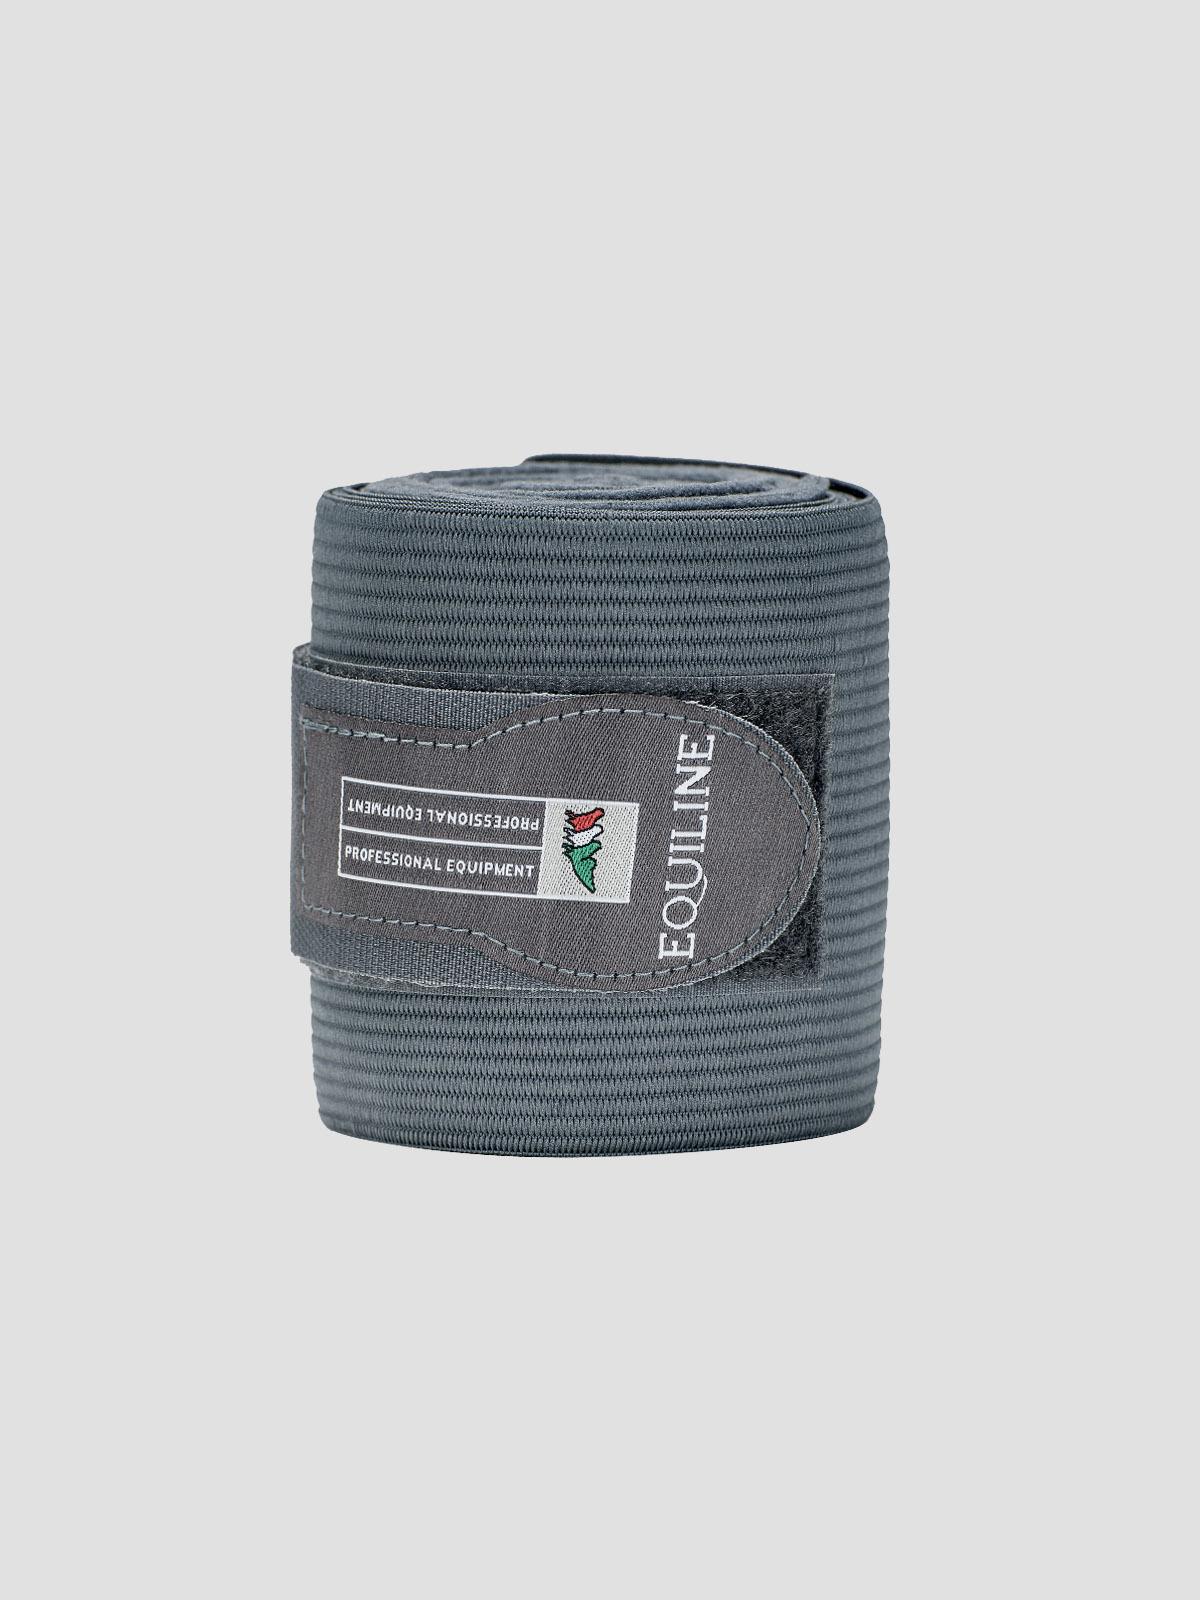 WORK - Fleece and Elastic Bandages 3